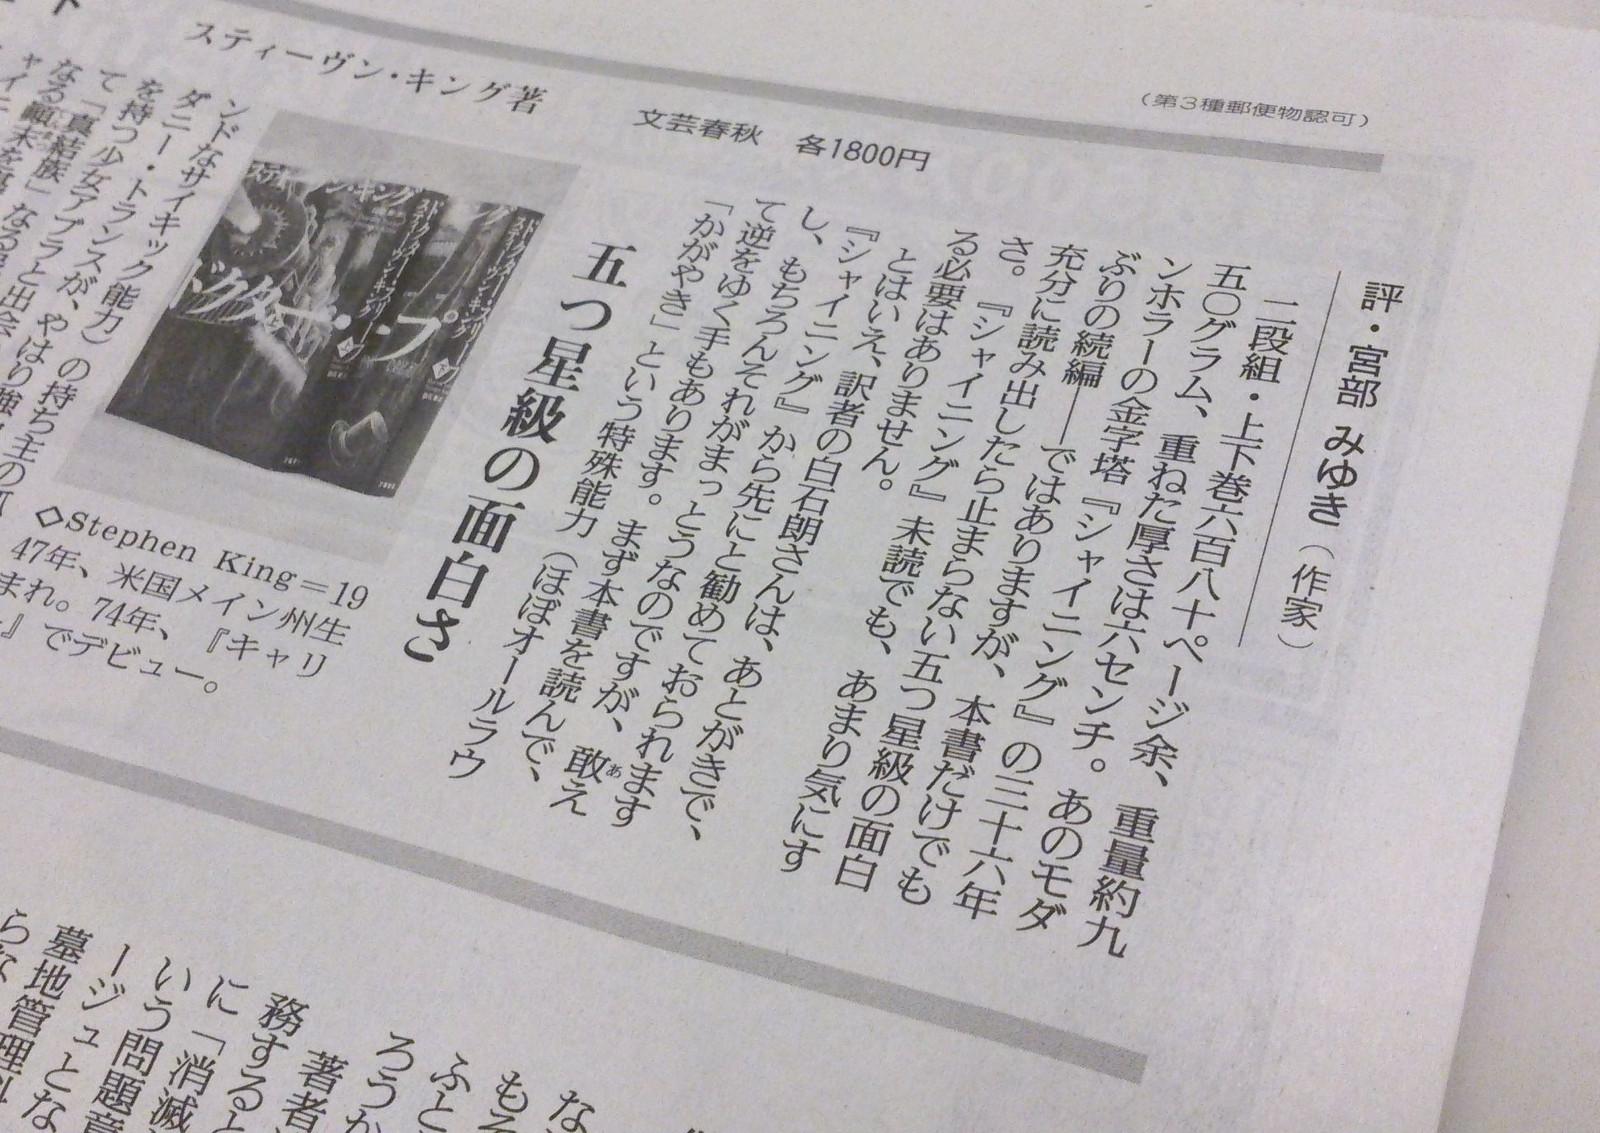 2015年7月12日「讀賣新聞」掲載の宮部みゆきによる「ドクター・スリープ」評